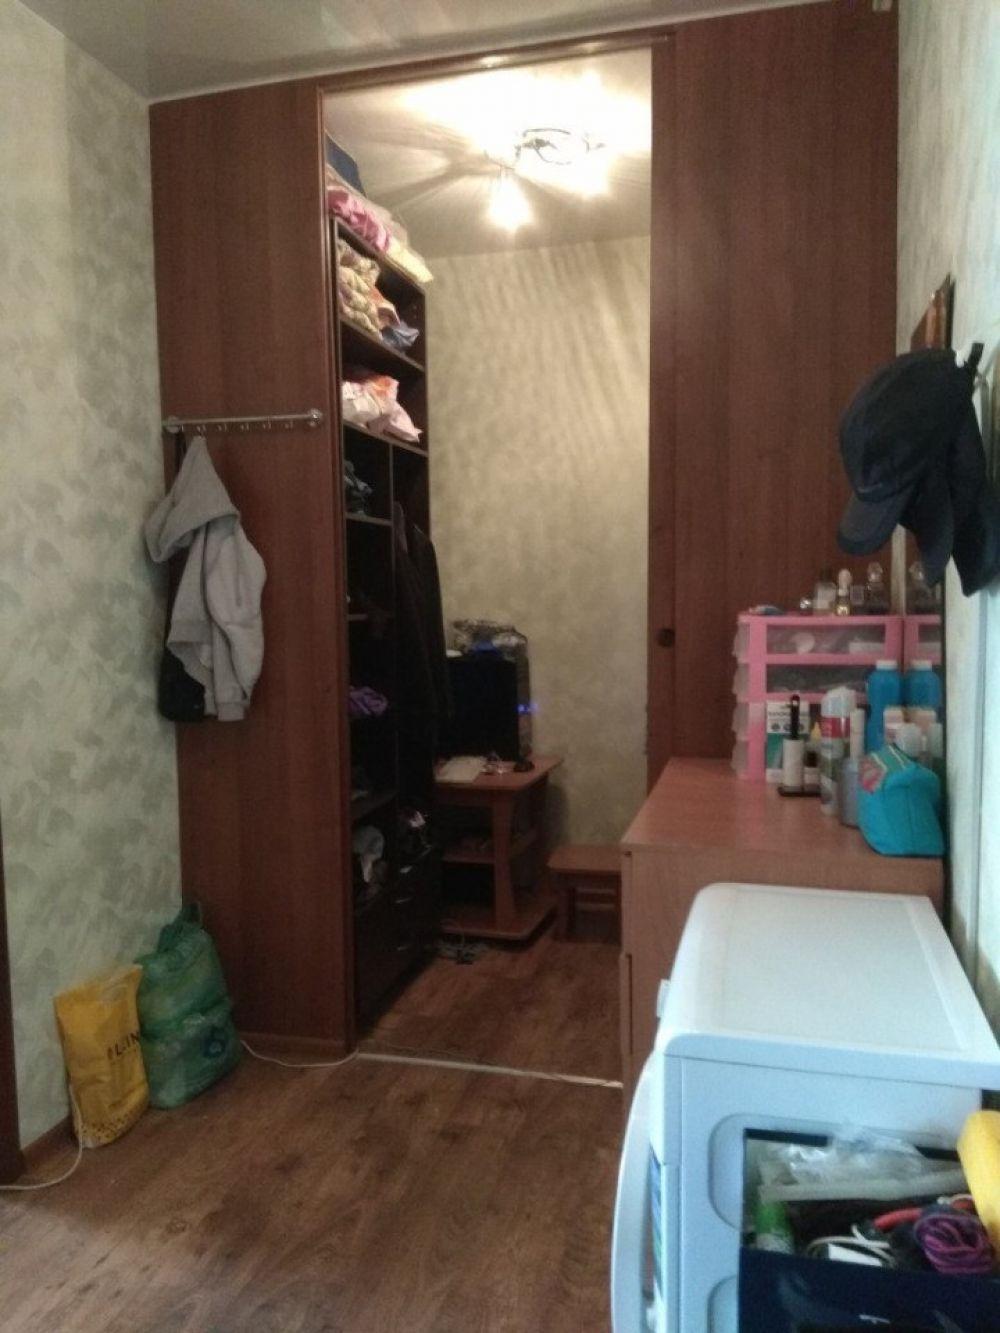 Однокомнатная квартира 44 м2, микрорайон Богородский д.1, фото 10